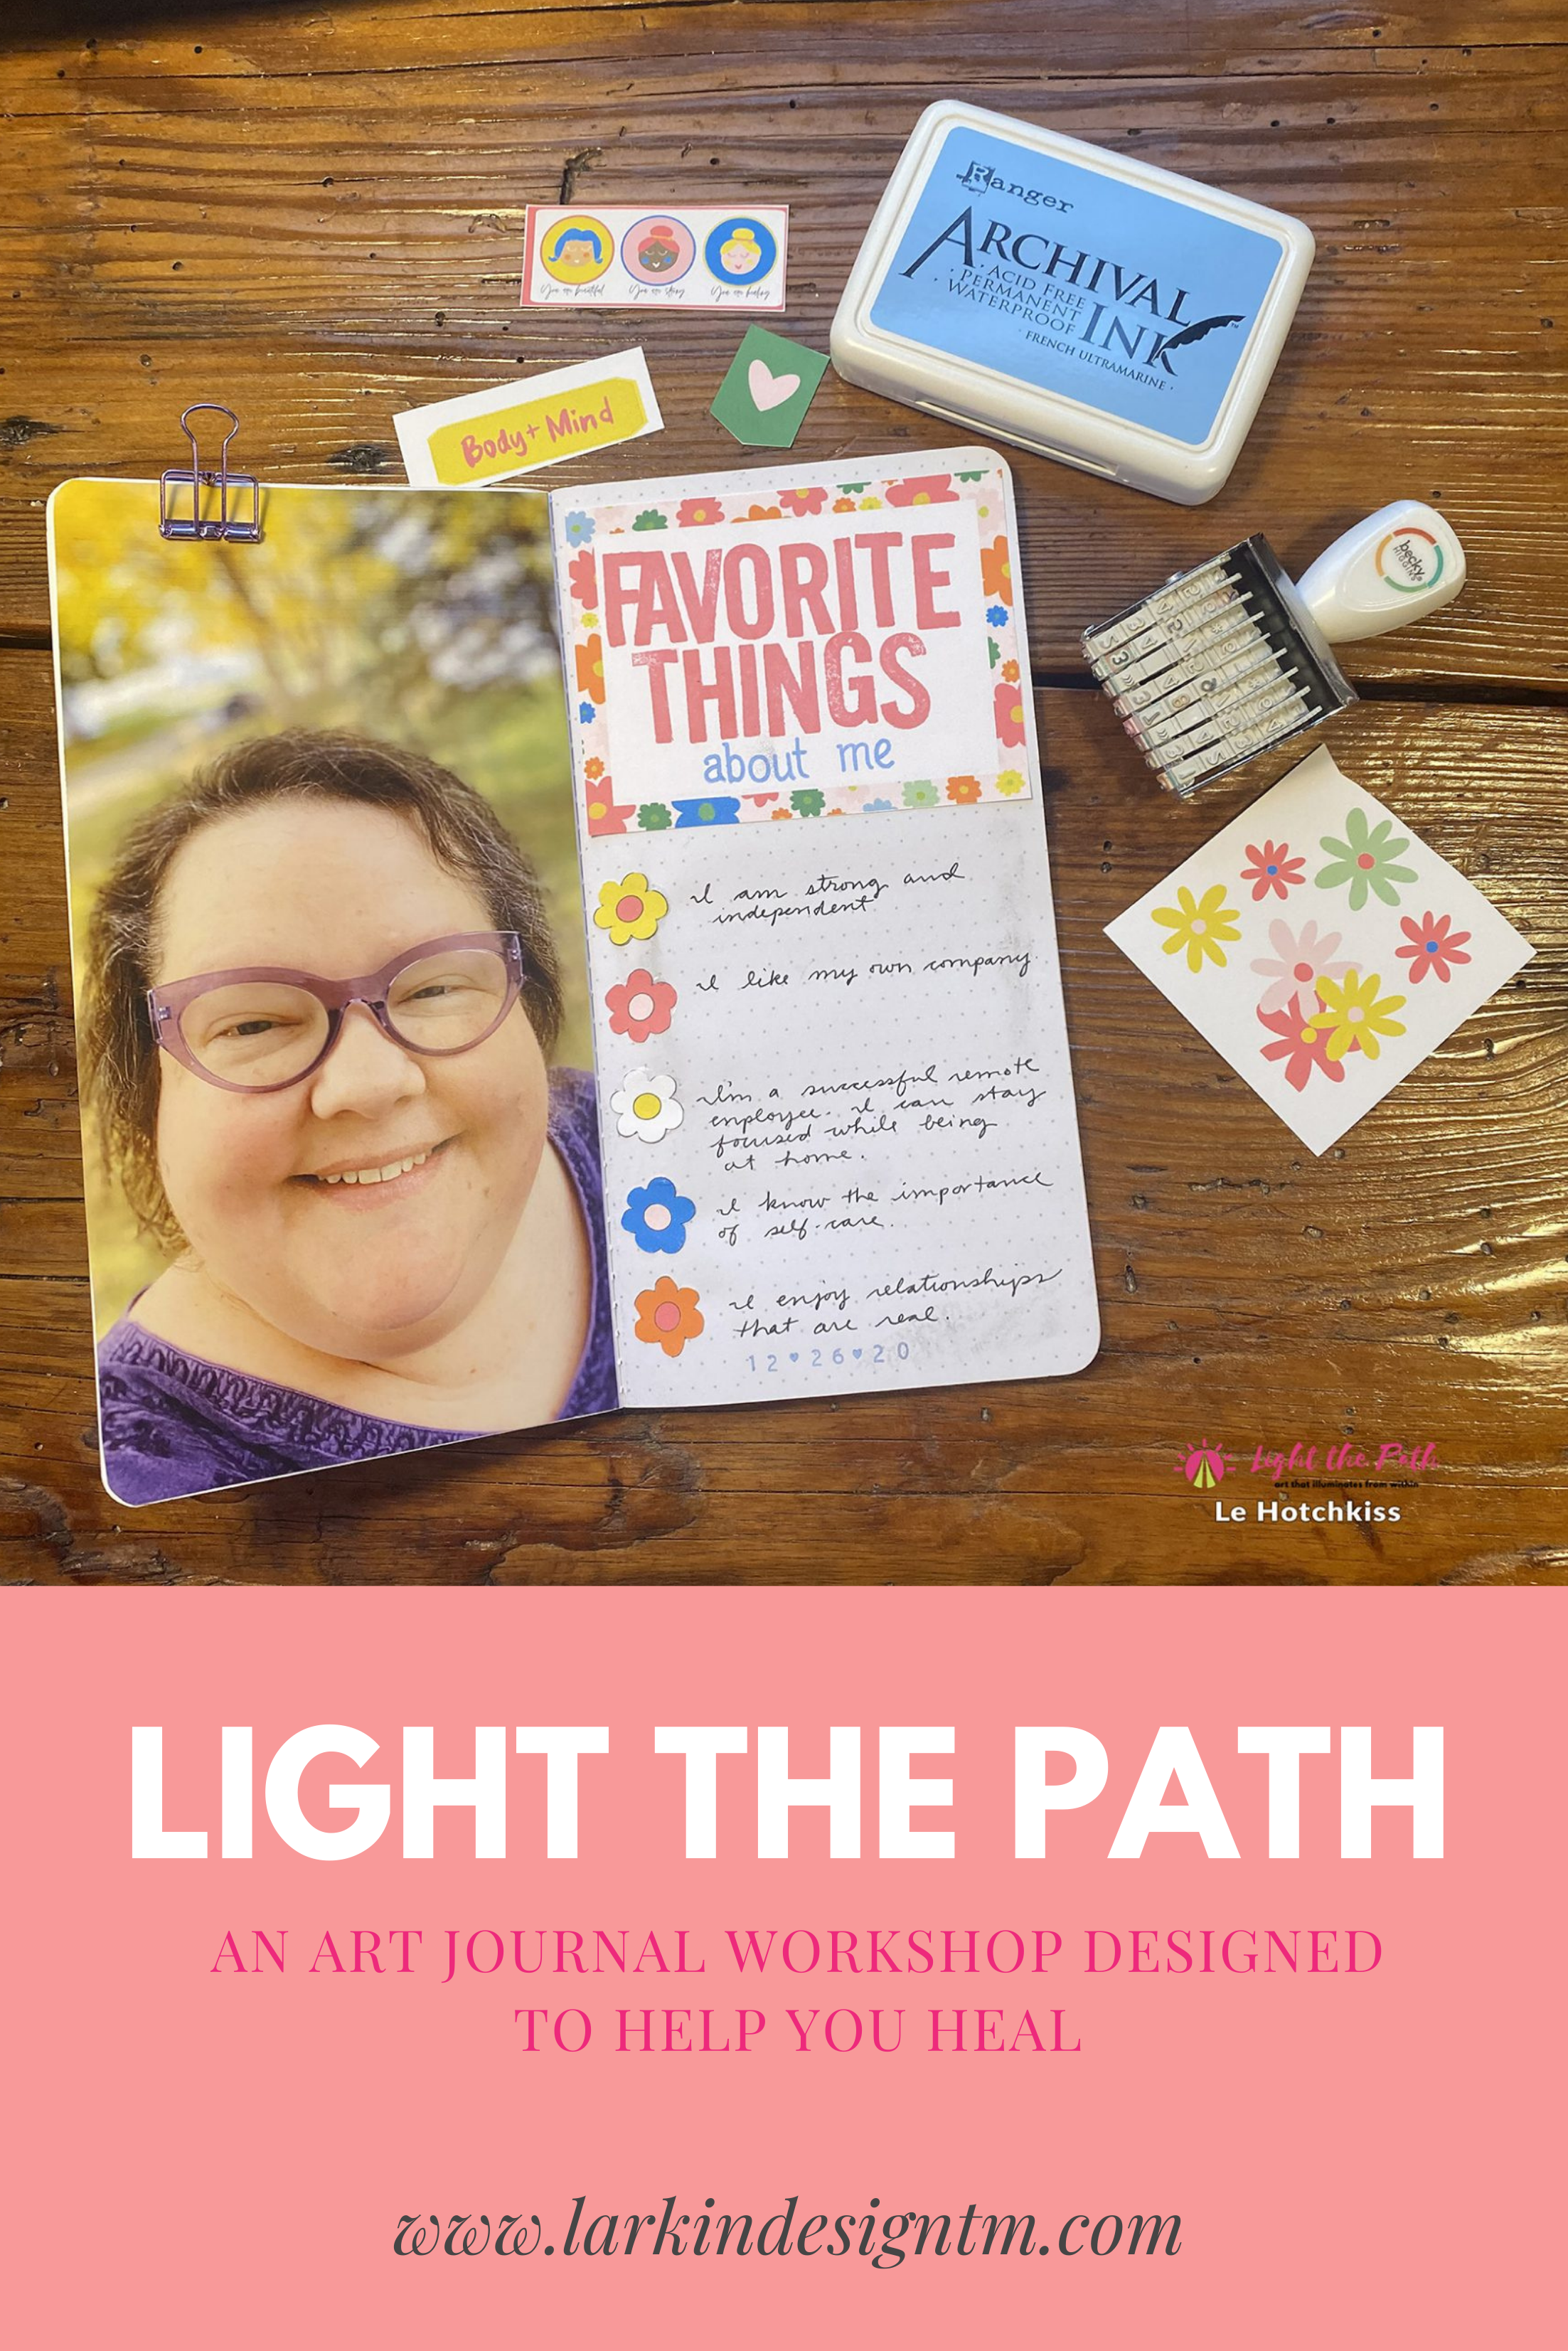 Light the Path Design Team Le Hotchkiss | I'm Ready!